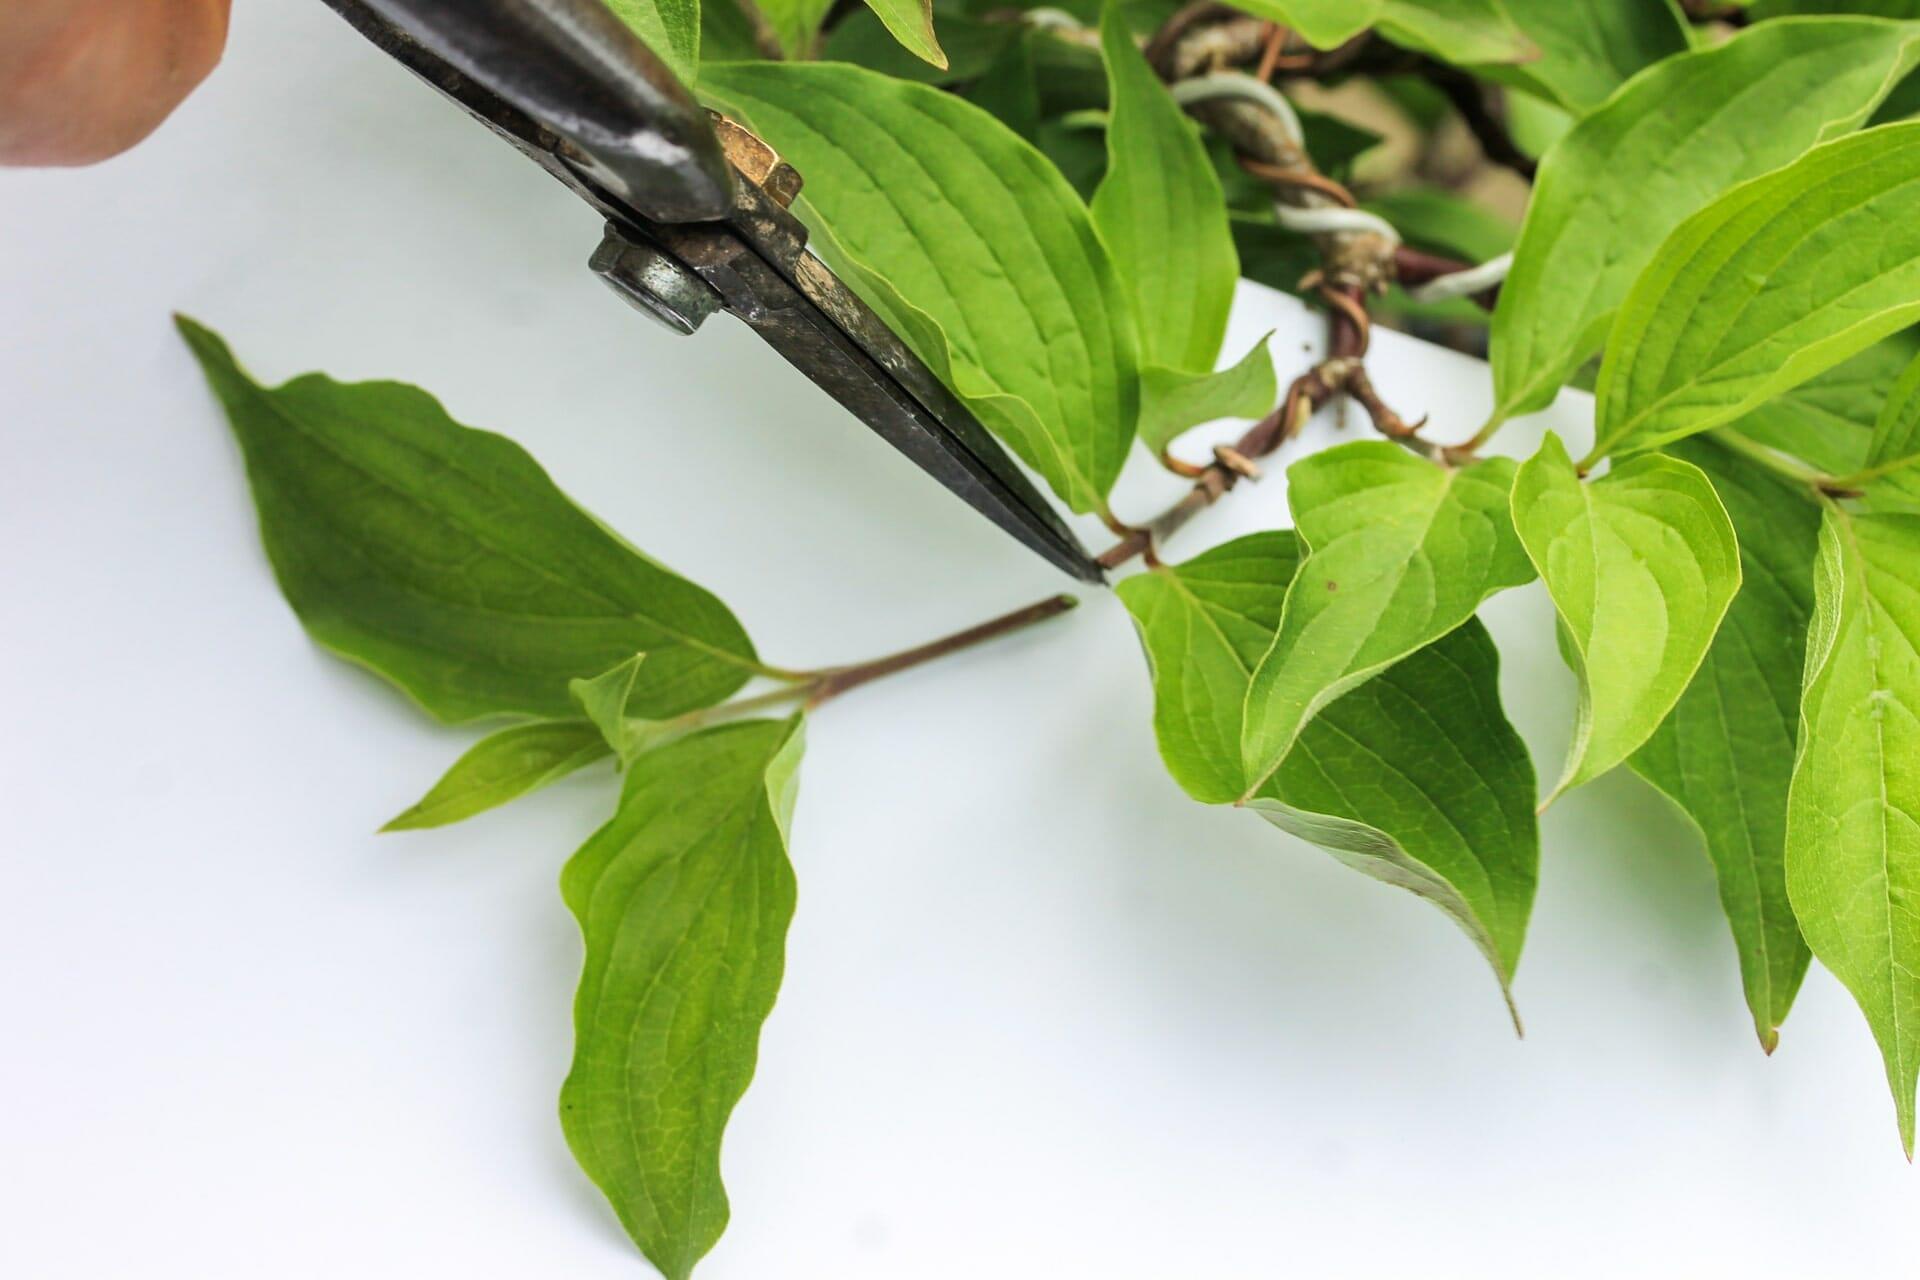 Bonsai Blattschnitt bei einer Kornelkirsche: Entlauben um die Blattgröße zu reduzieren Abbildung 2